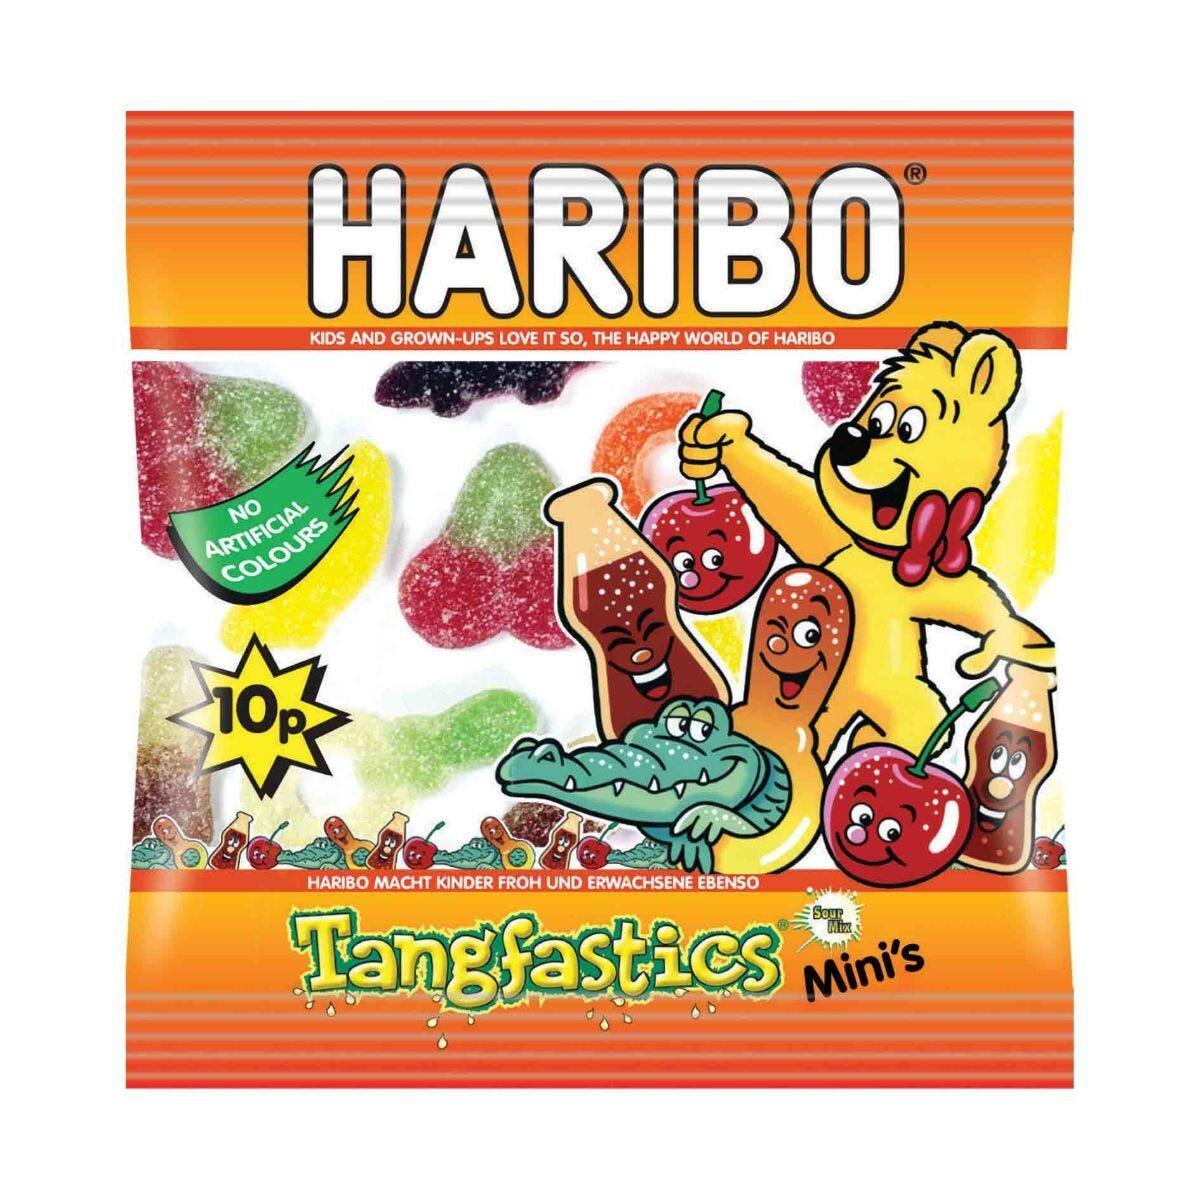 Haribo Tangfastics Small Bag Pack of 100